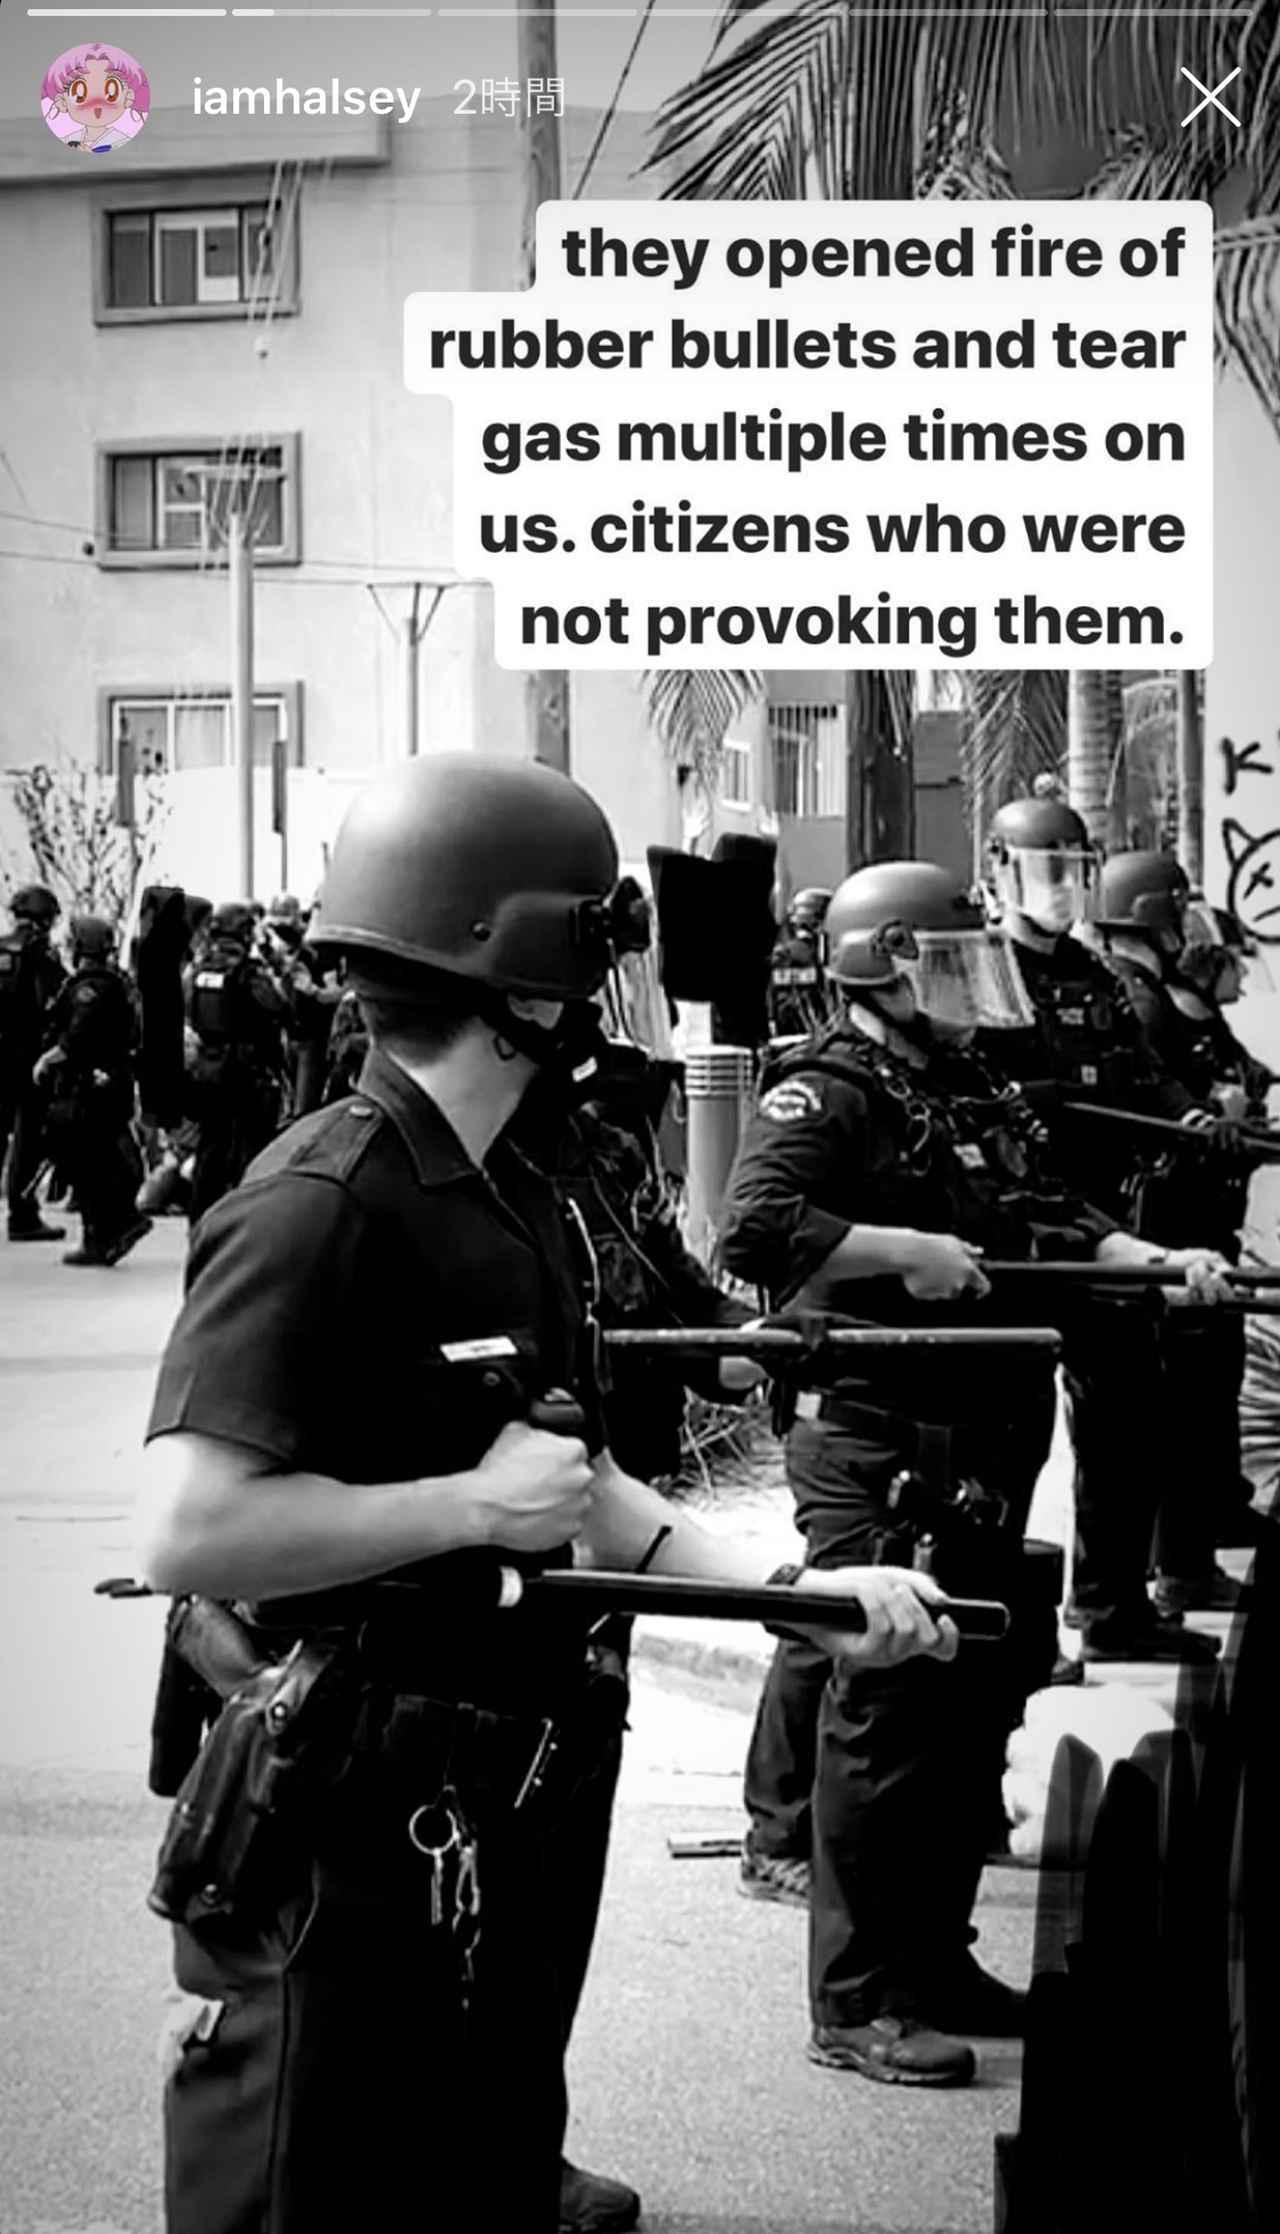 画像: デモ隊にゴム弾を使用する警察